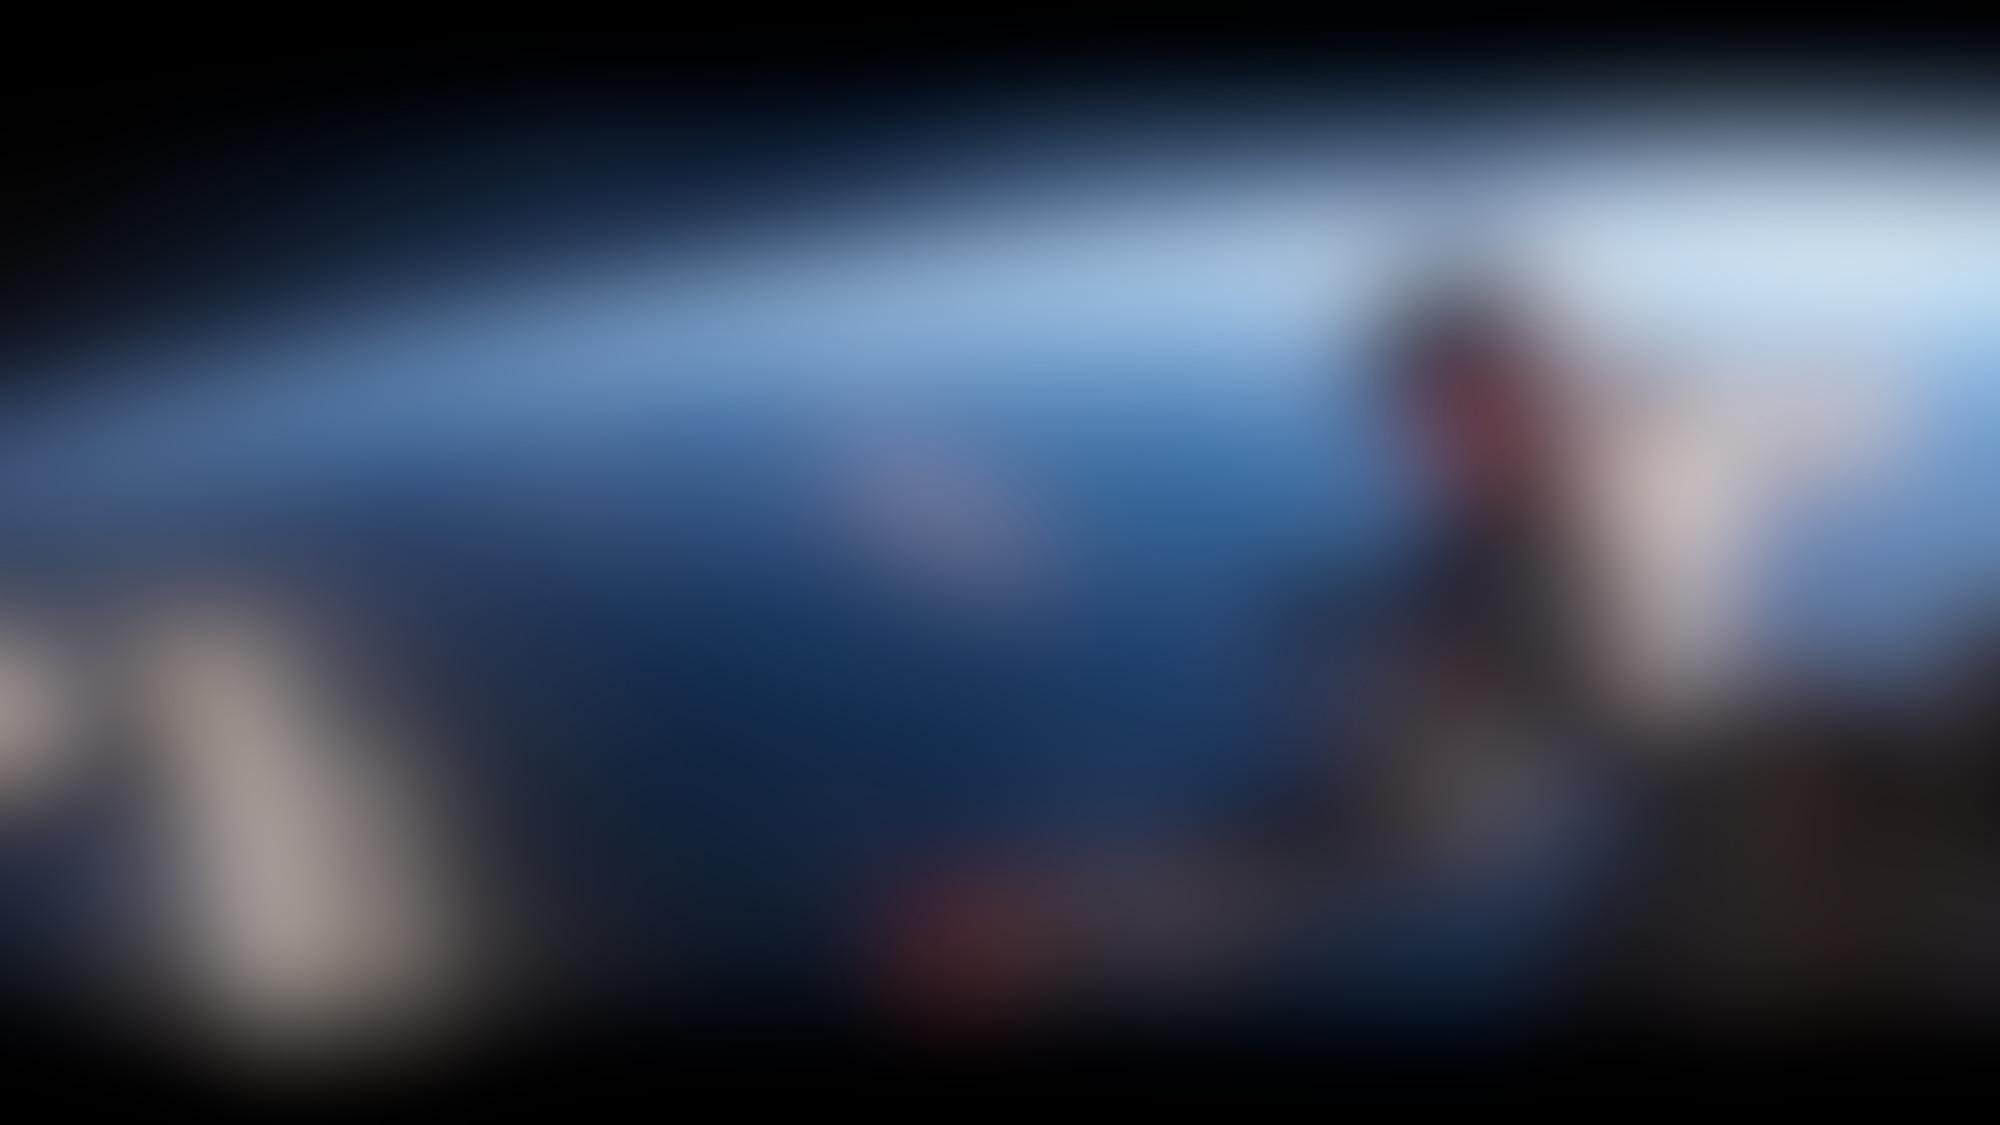 Avengers Infinity War2018 Framestore 02 after autocompressfitresizeixlibphp 1 1 0max h2000max w3 D2000q80sbd2e6e3a17c08fef704ef99698ebc1e4